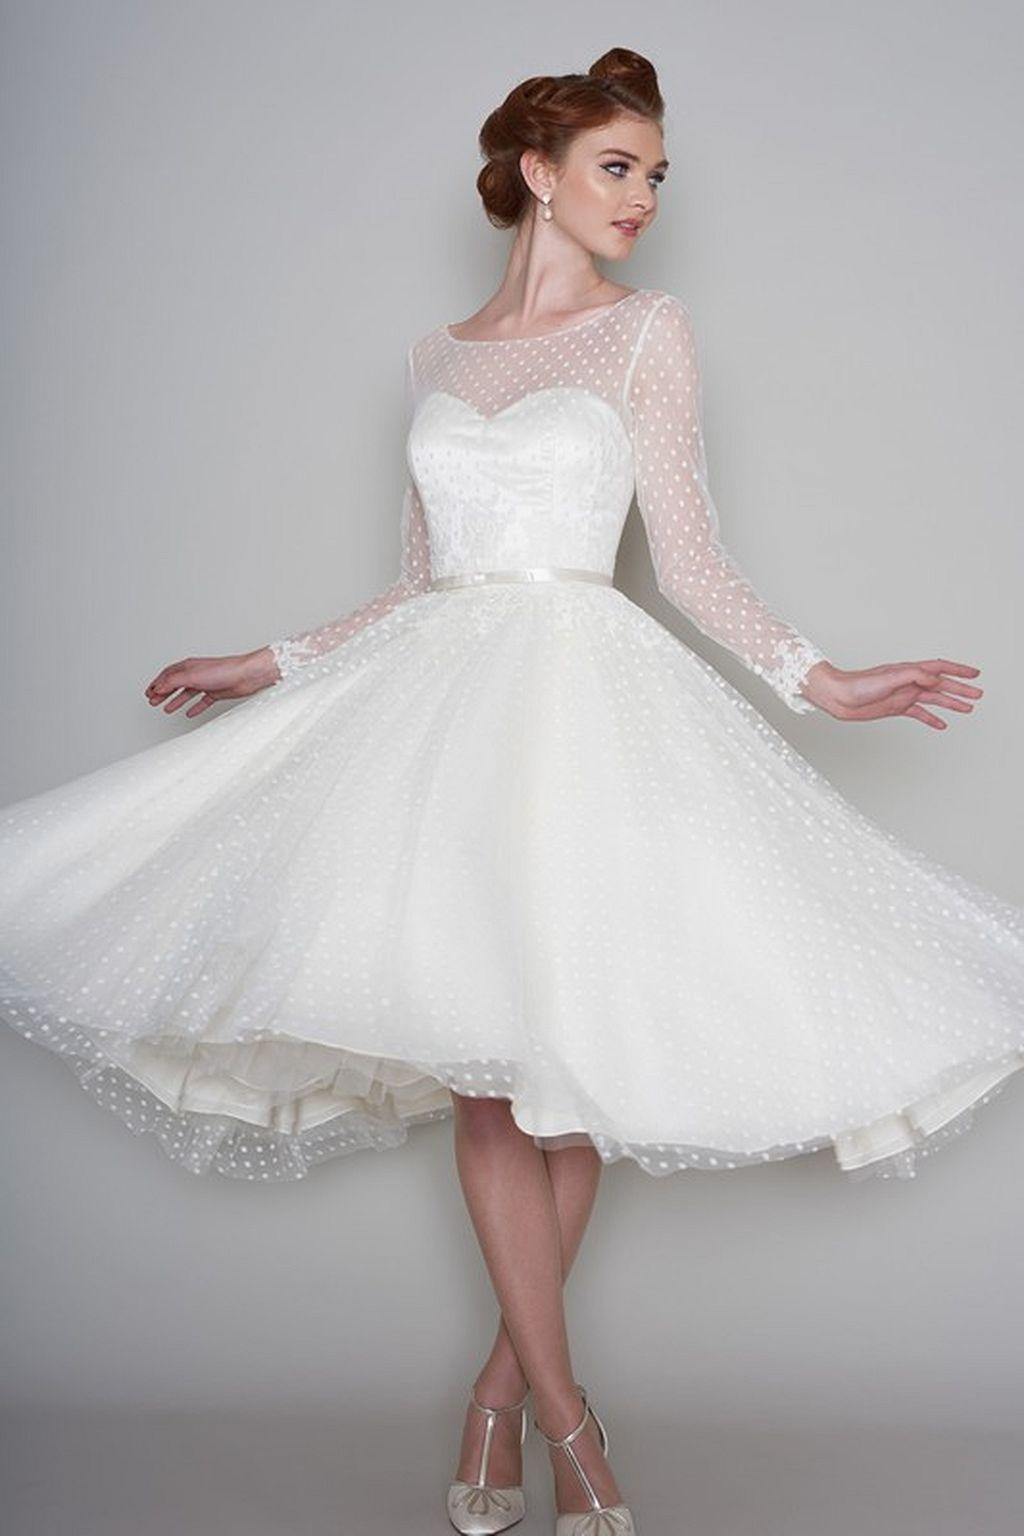 vintage wedding dress ideas pinterest